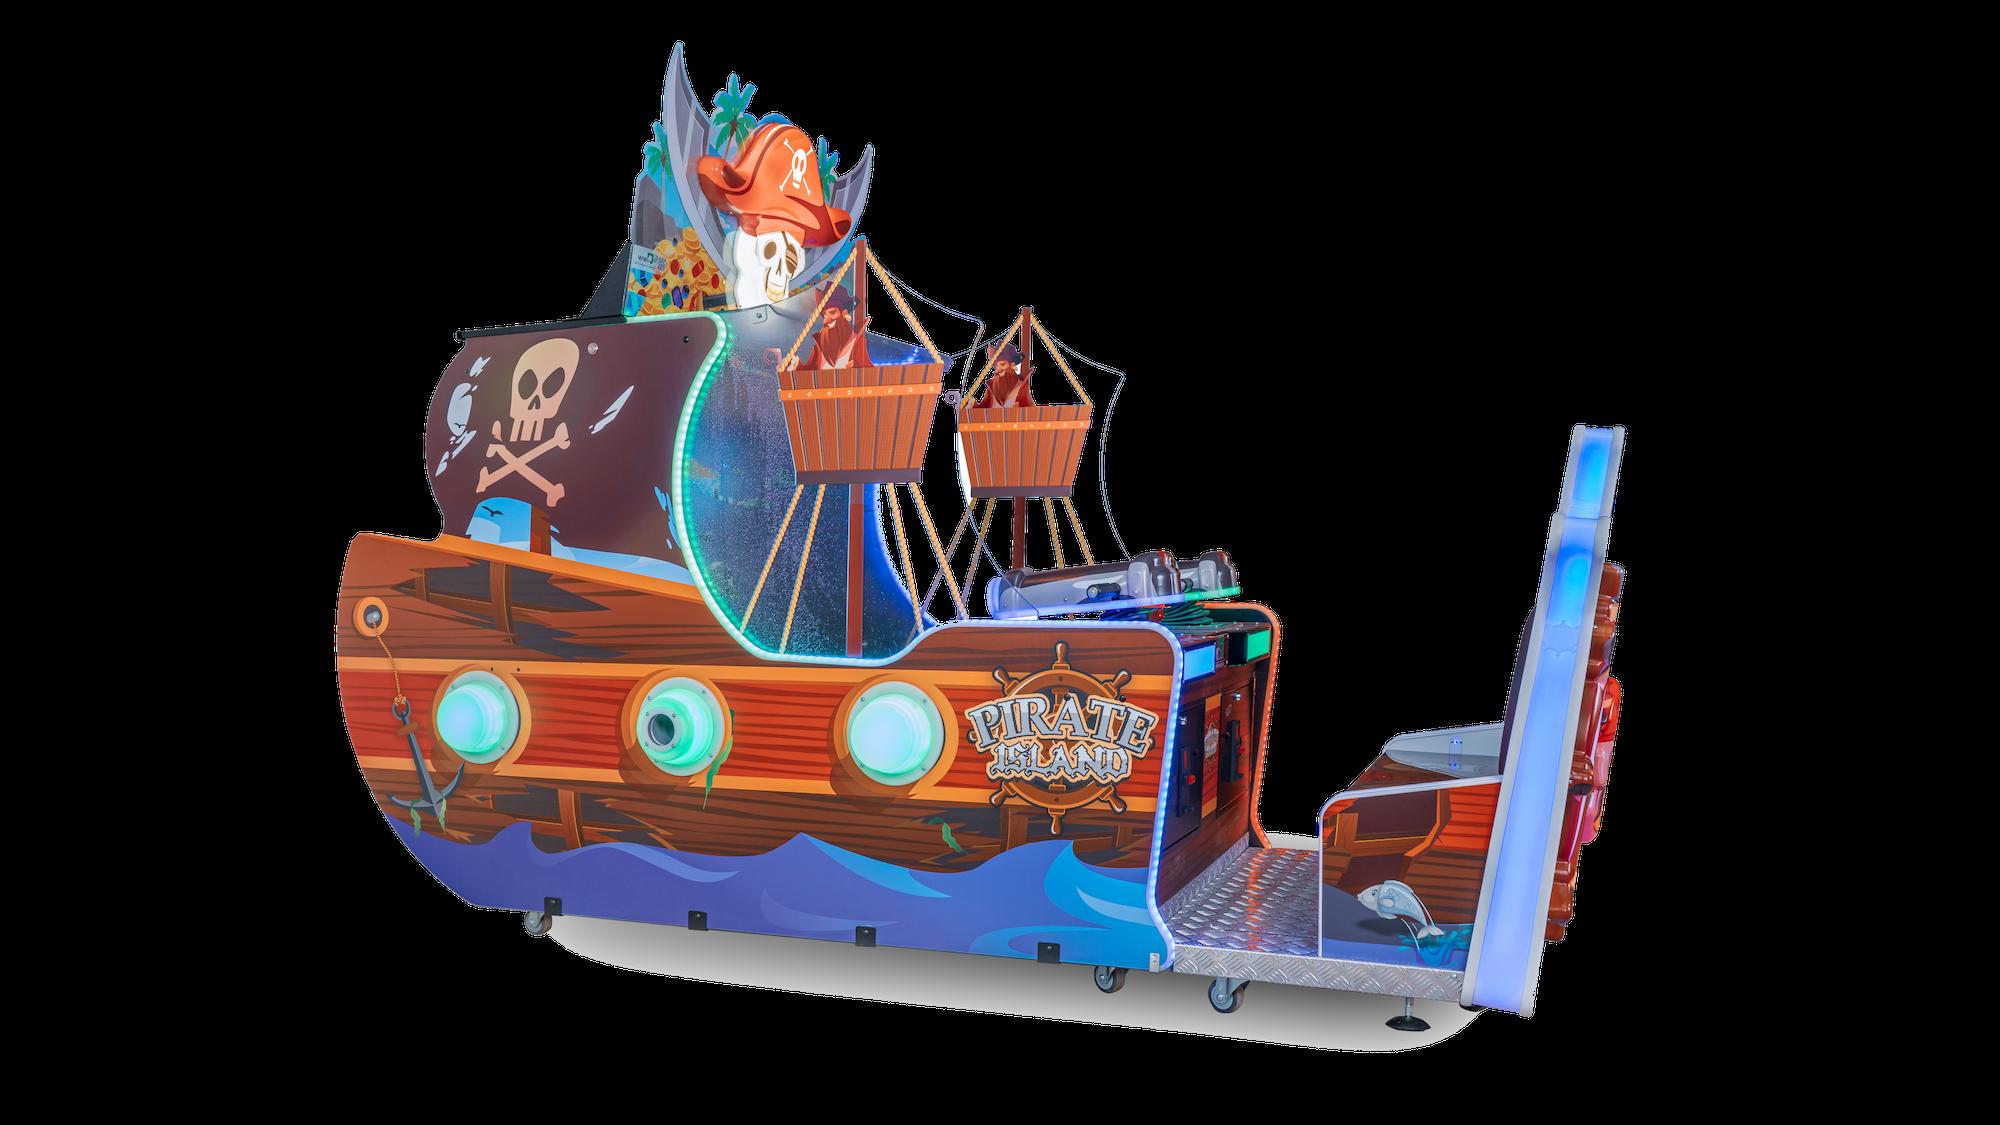 The Pirate Island Water Gun